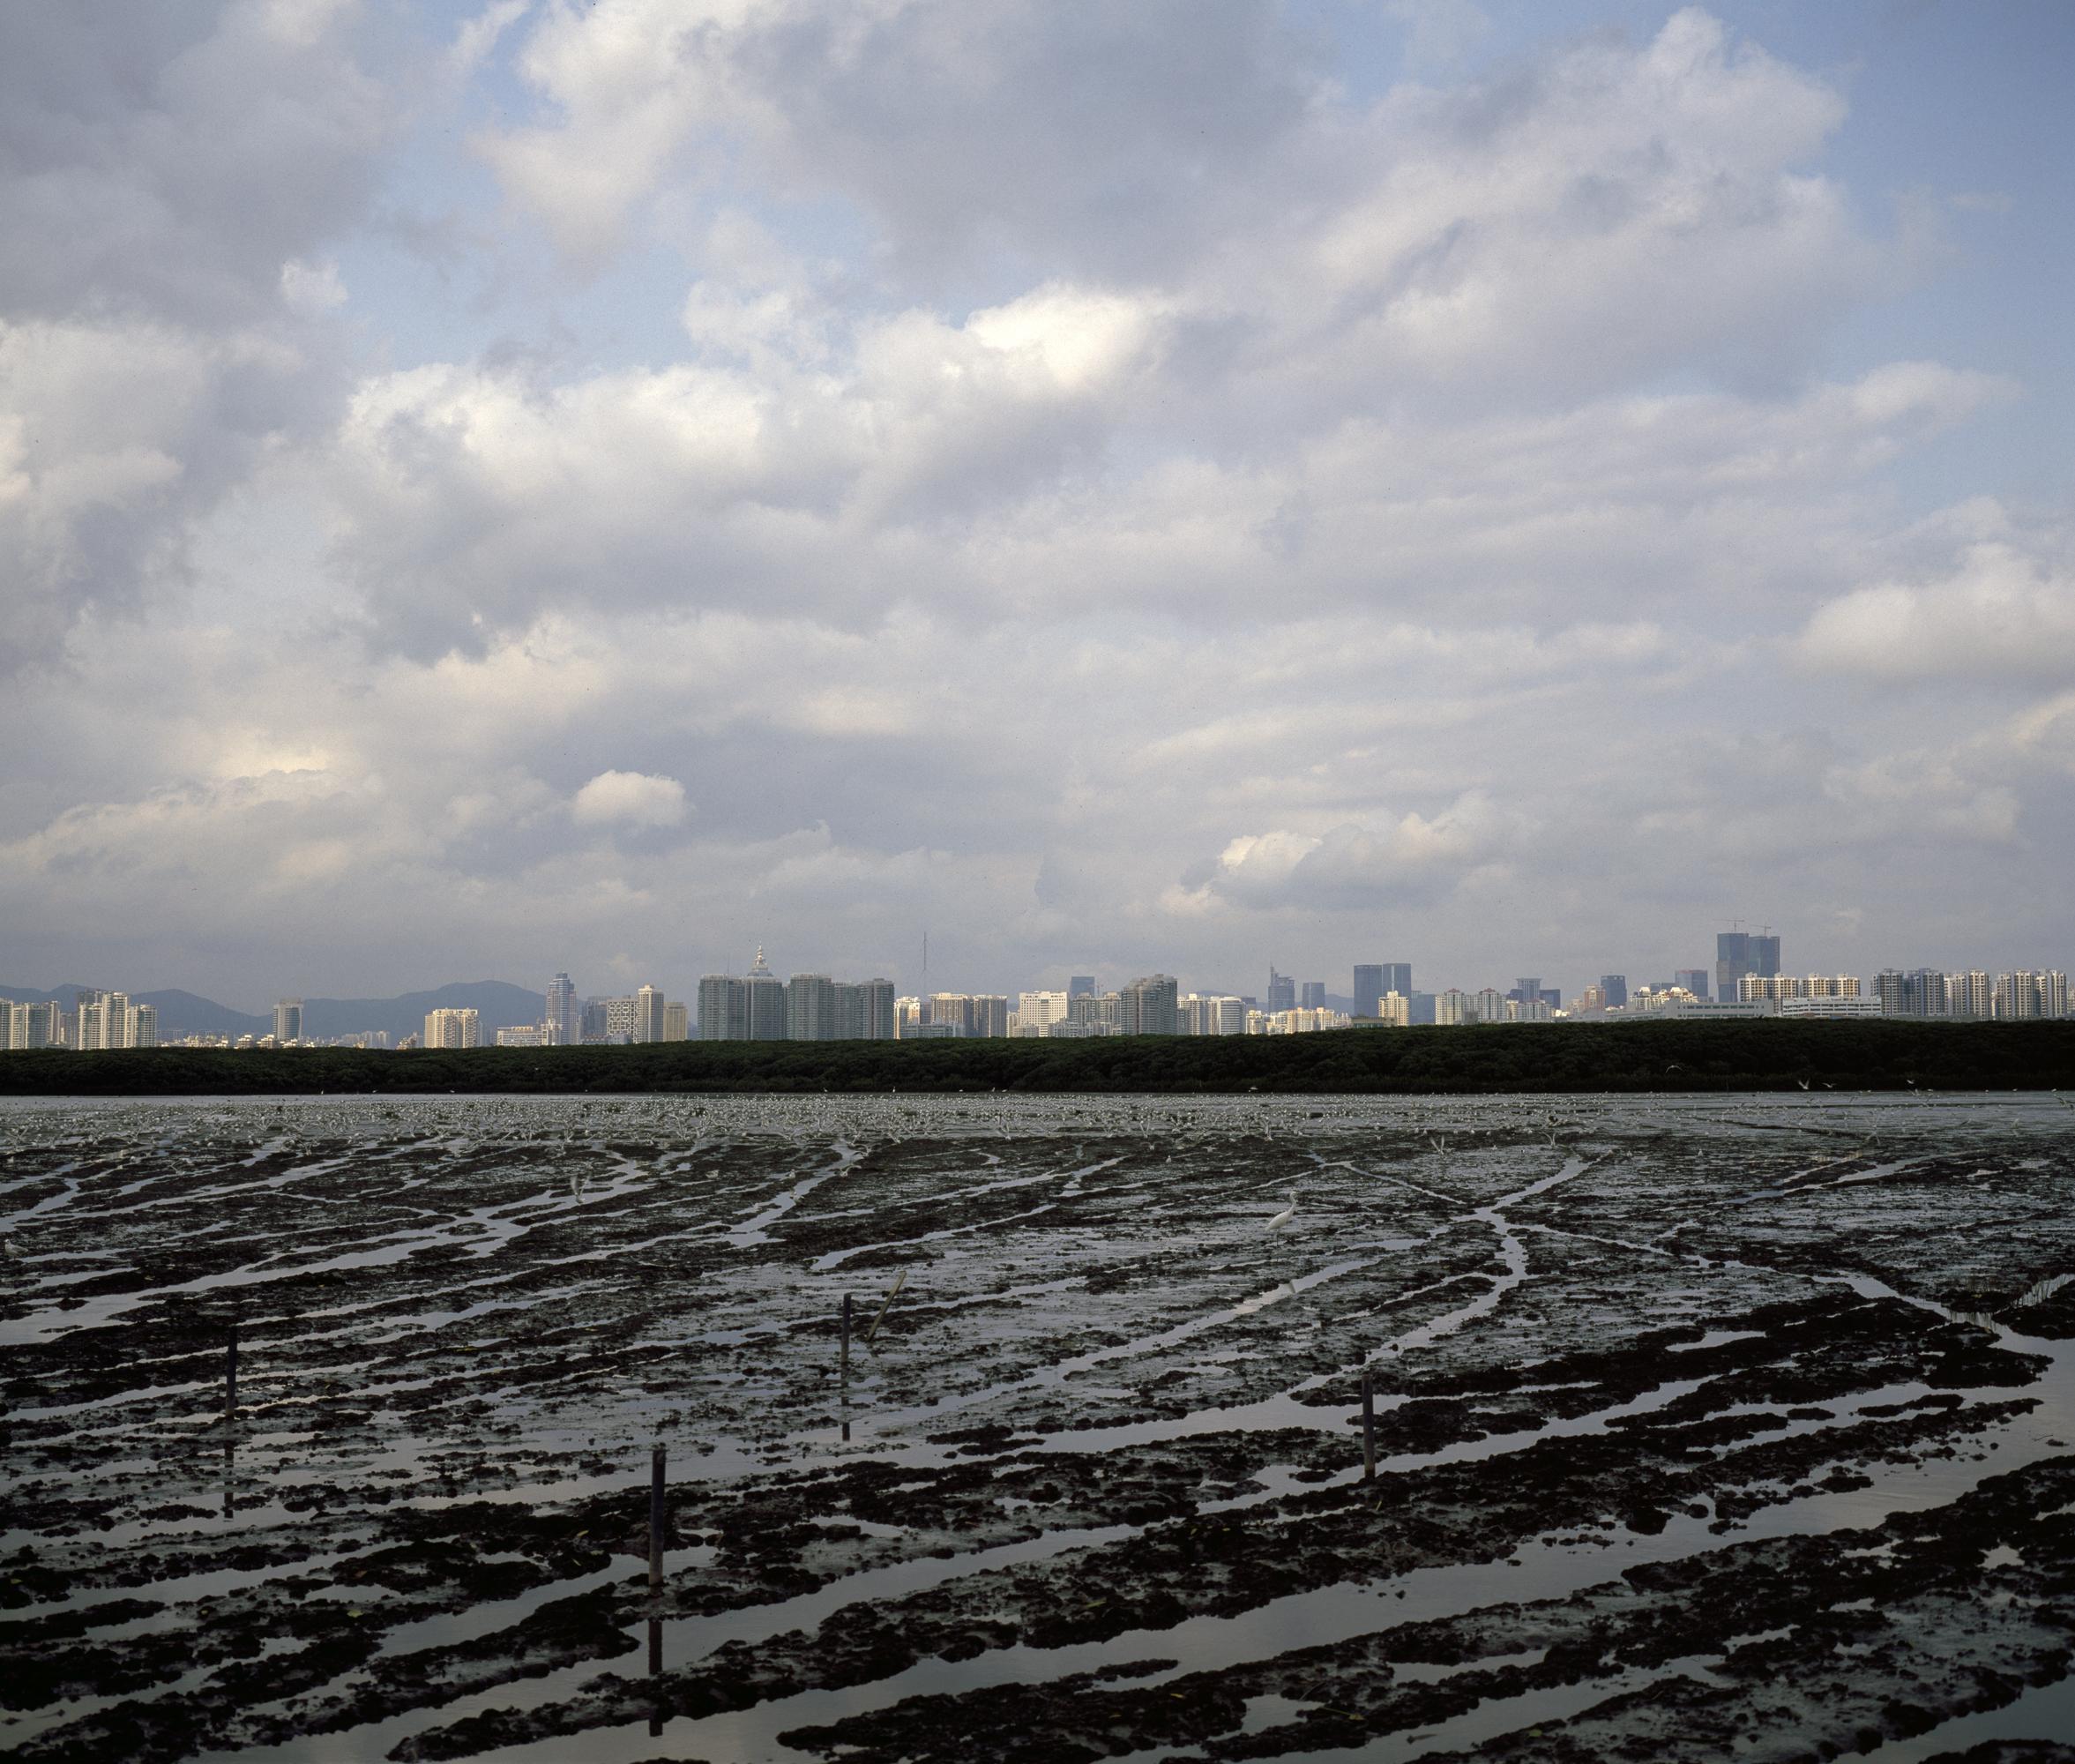 Deep Bay Low Tide (2010)